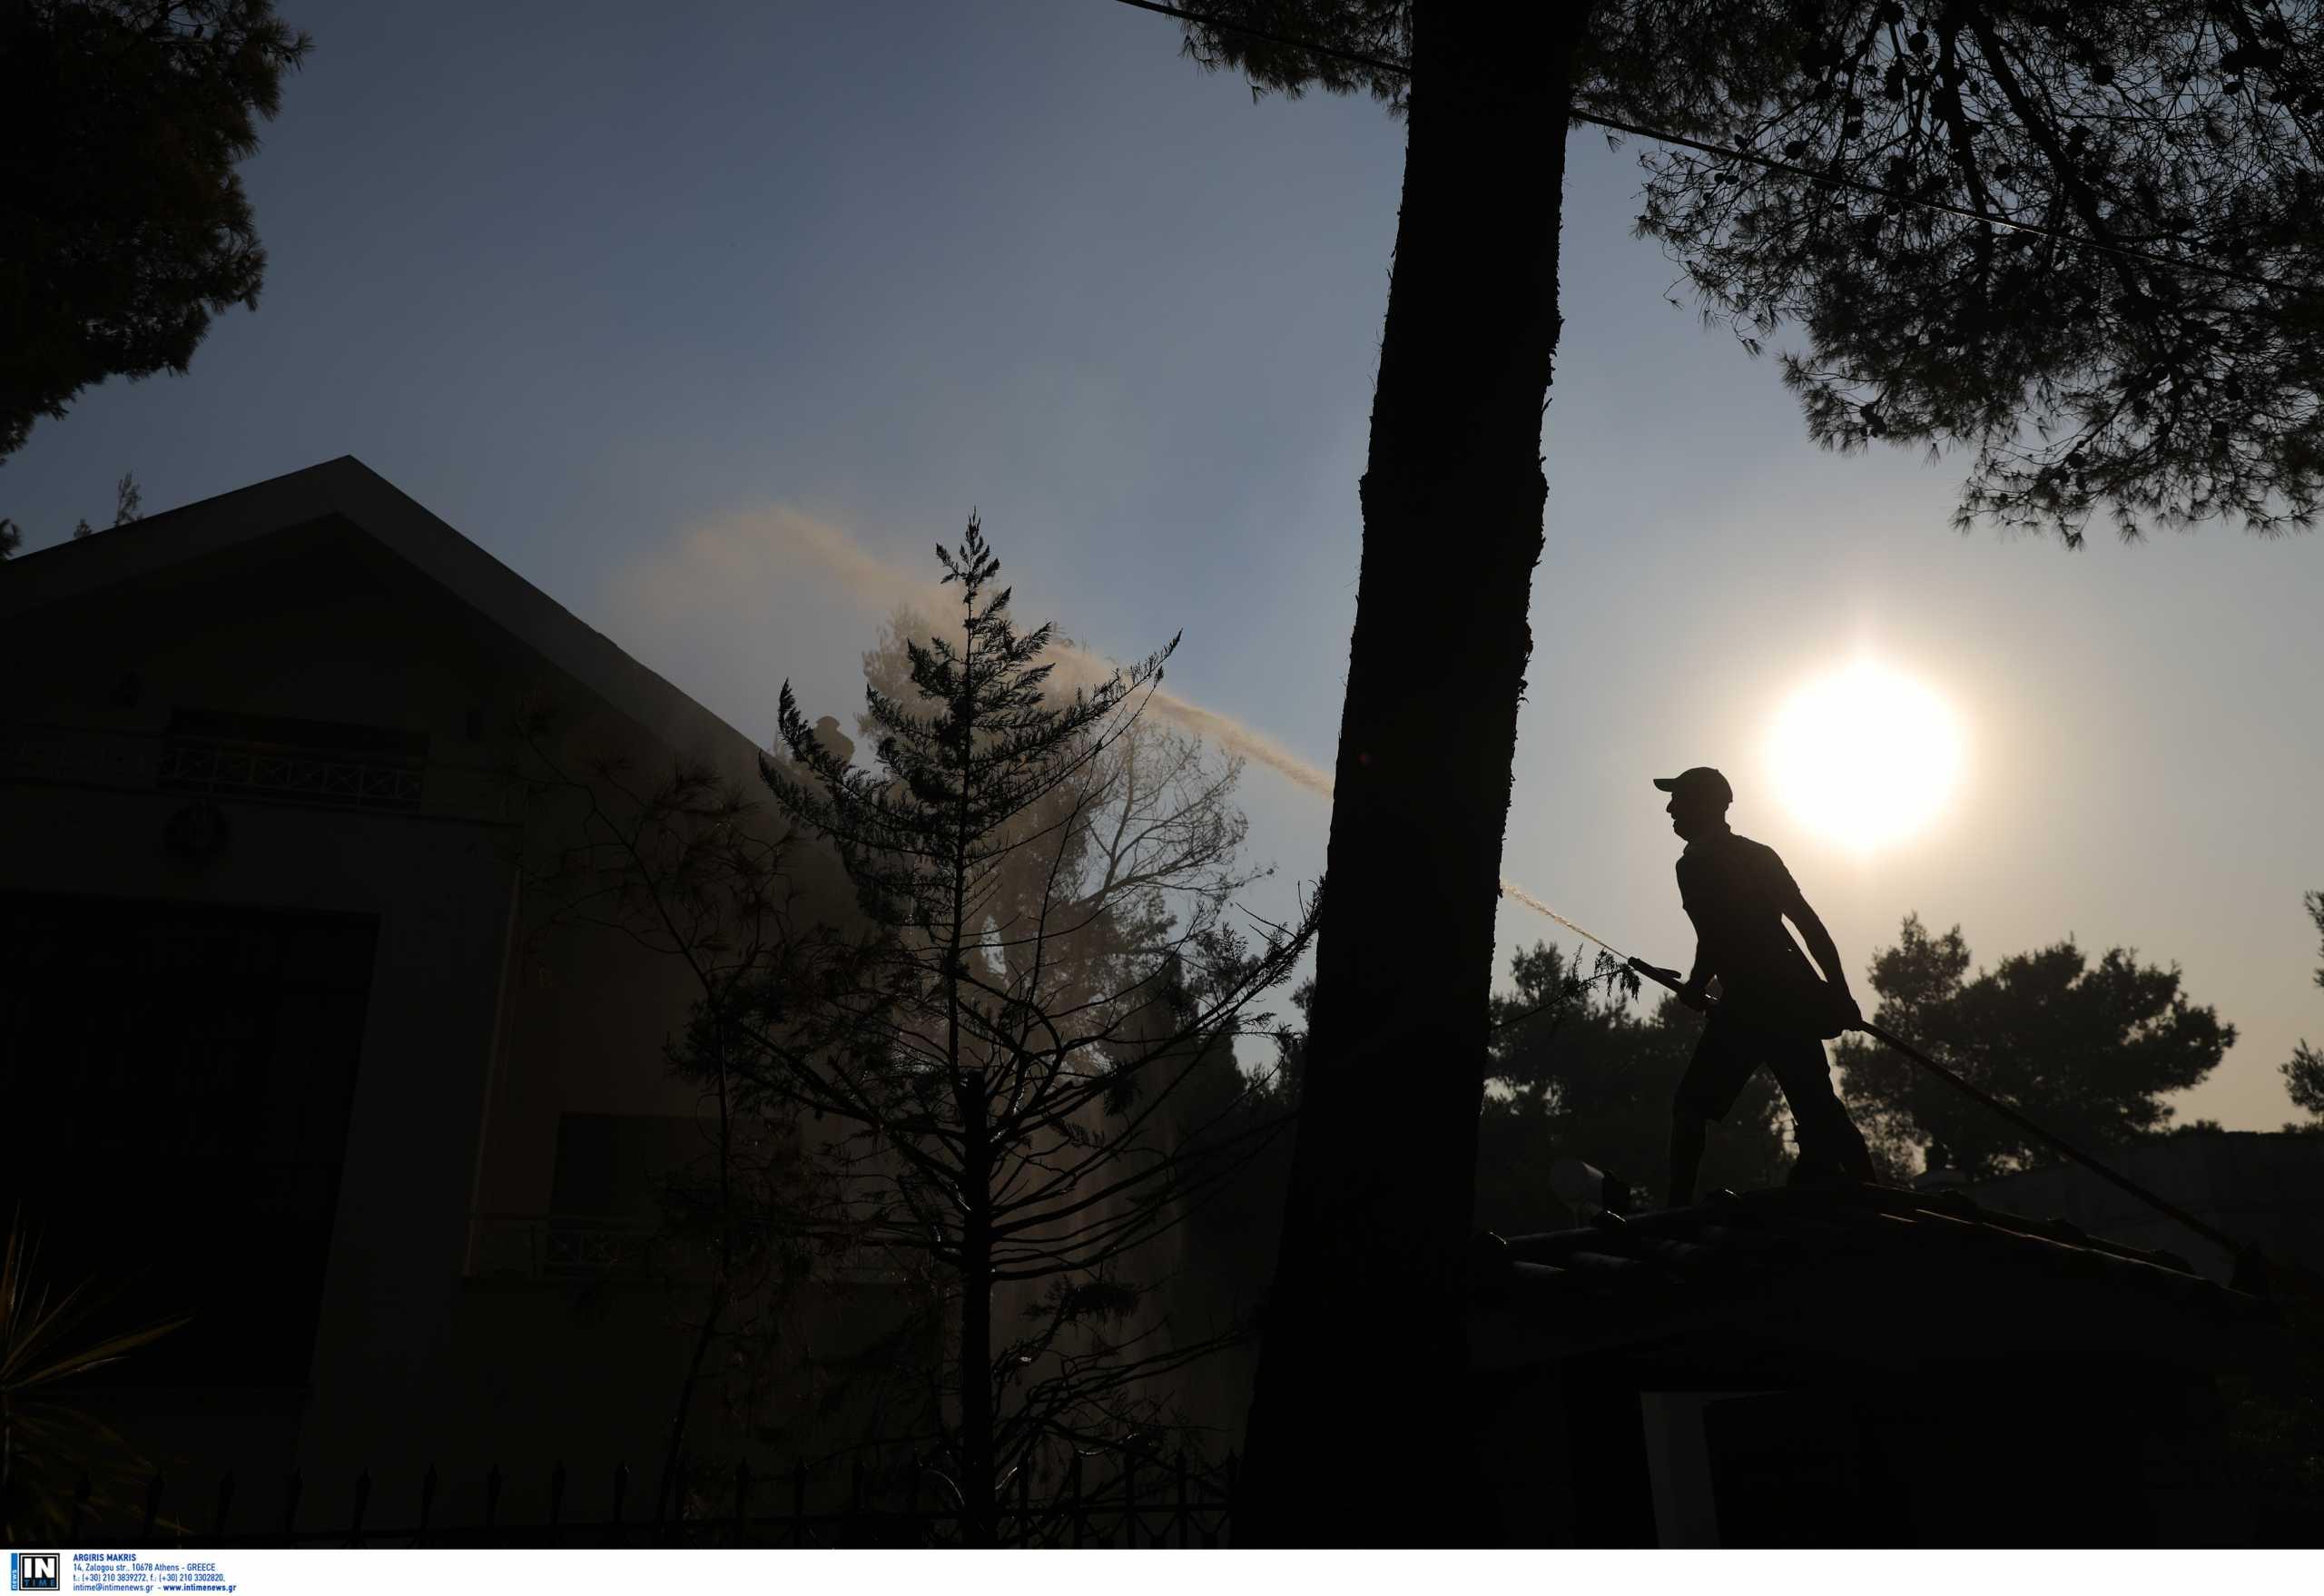 Πολύ υψηλός κίνδυνος πυρκαγιάς την Τρίτη για αυτές τις περιοχές